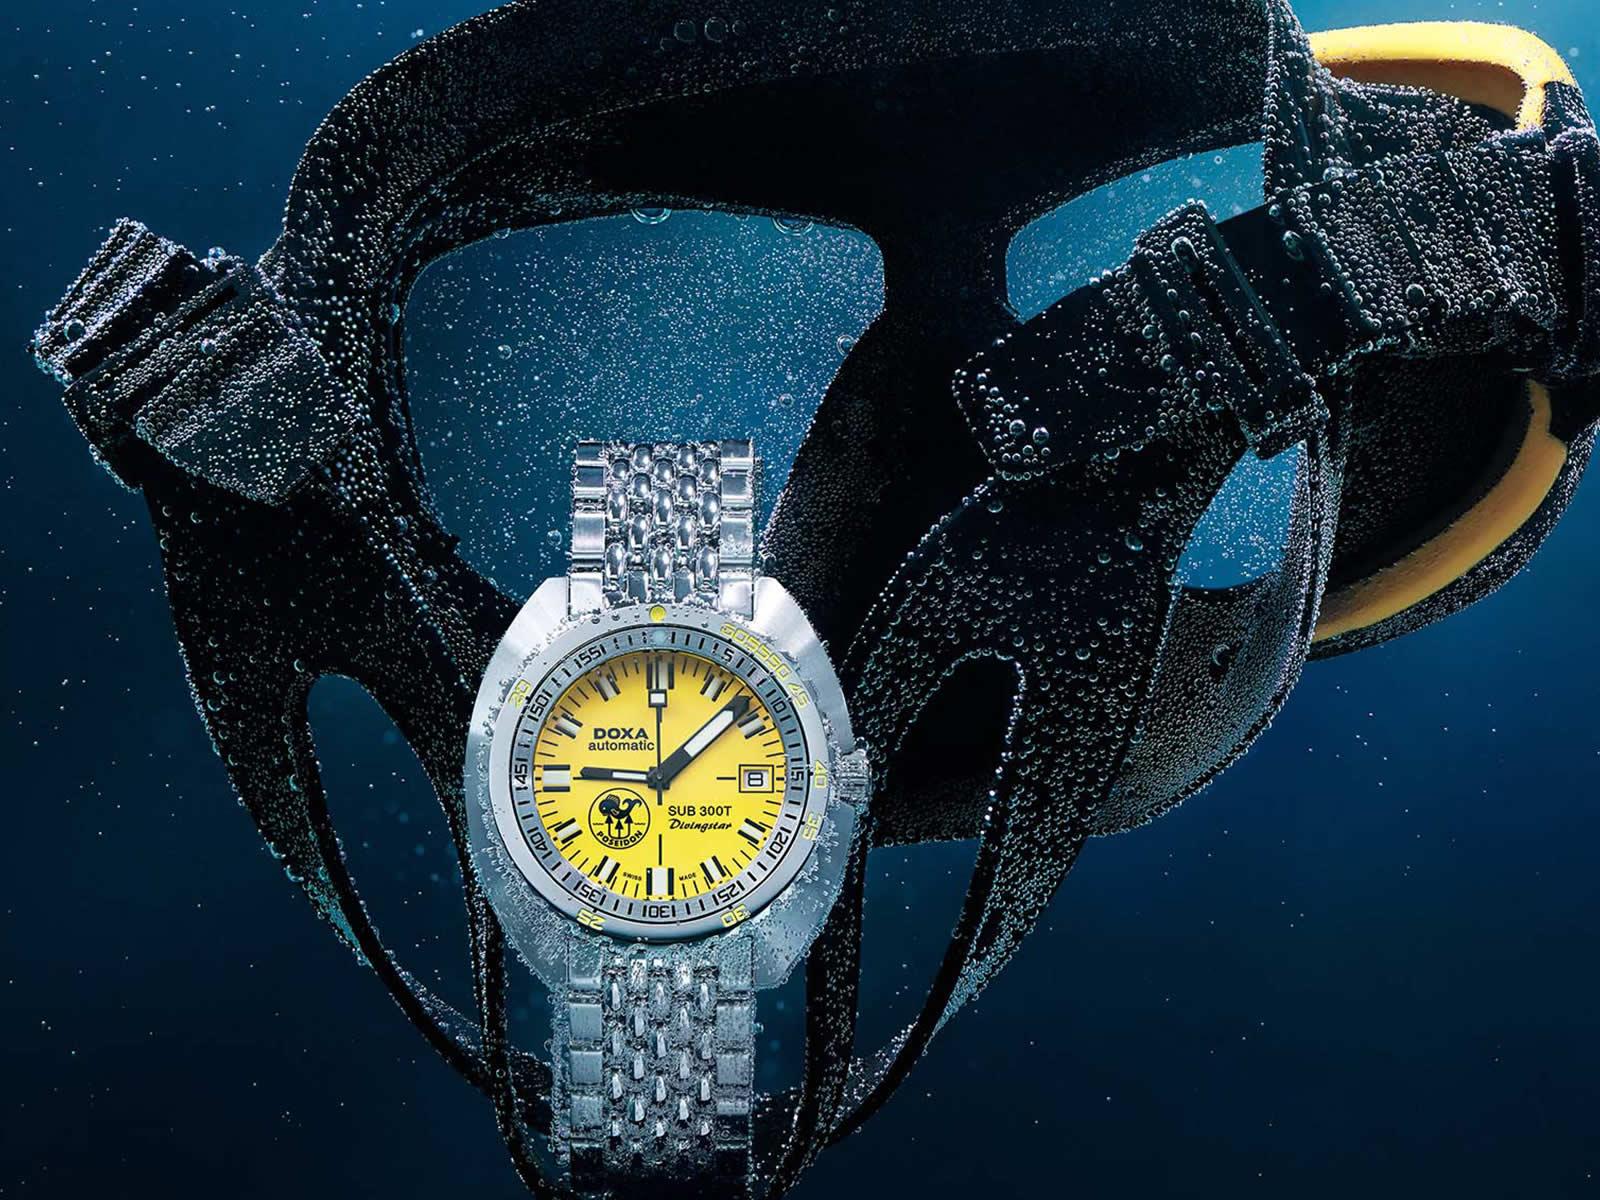 doxa-sub-300t-divingstar-poseidon-edition-1-.jpg